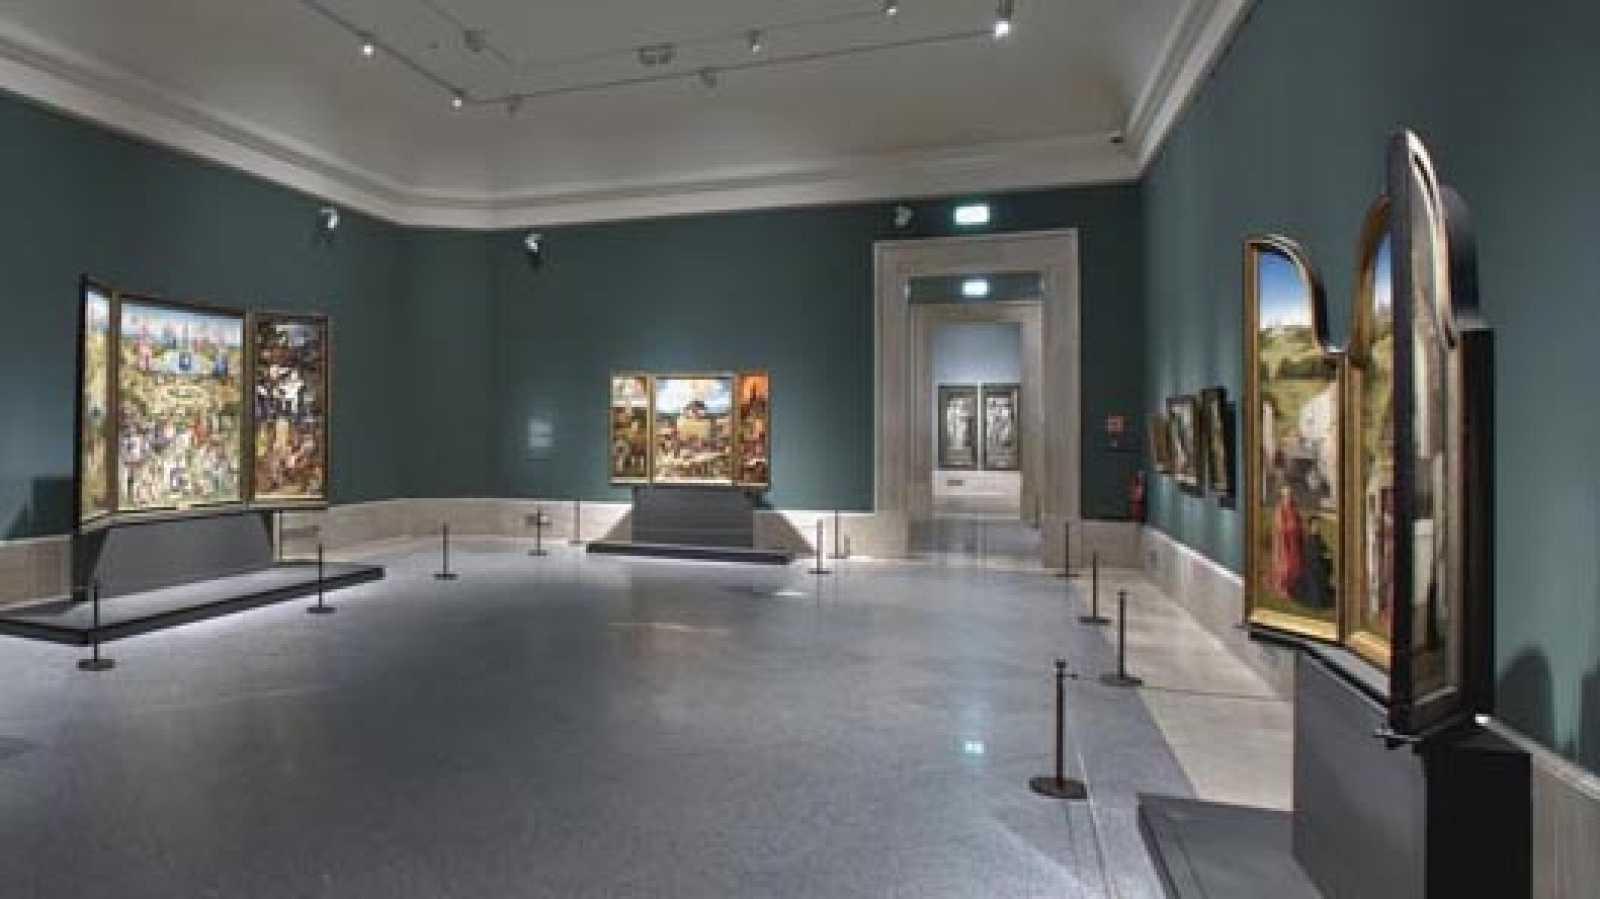 Punto de enlace - Nueva instalación del Bosco en el Museo del Prado - 19/02/21 - escuchar ahora